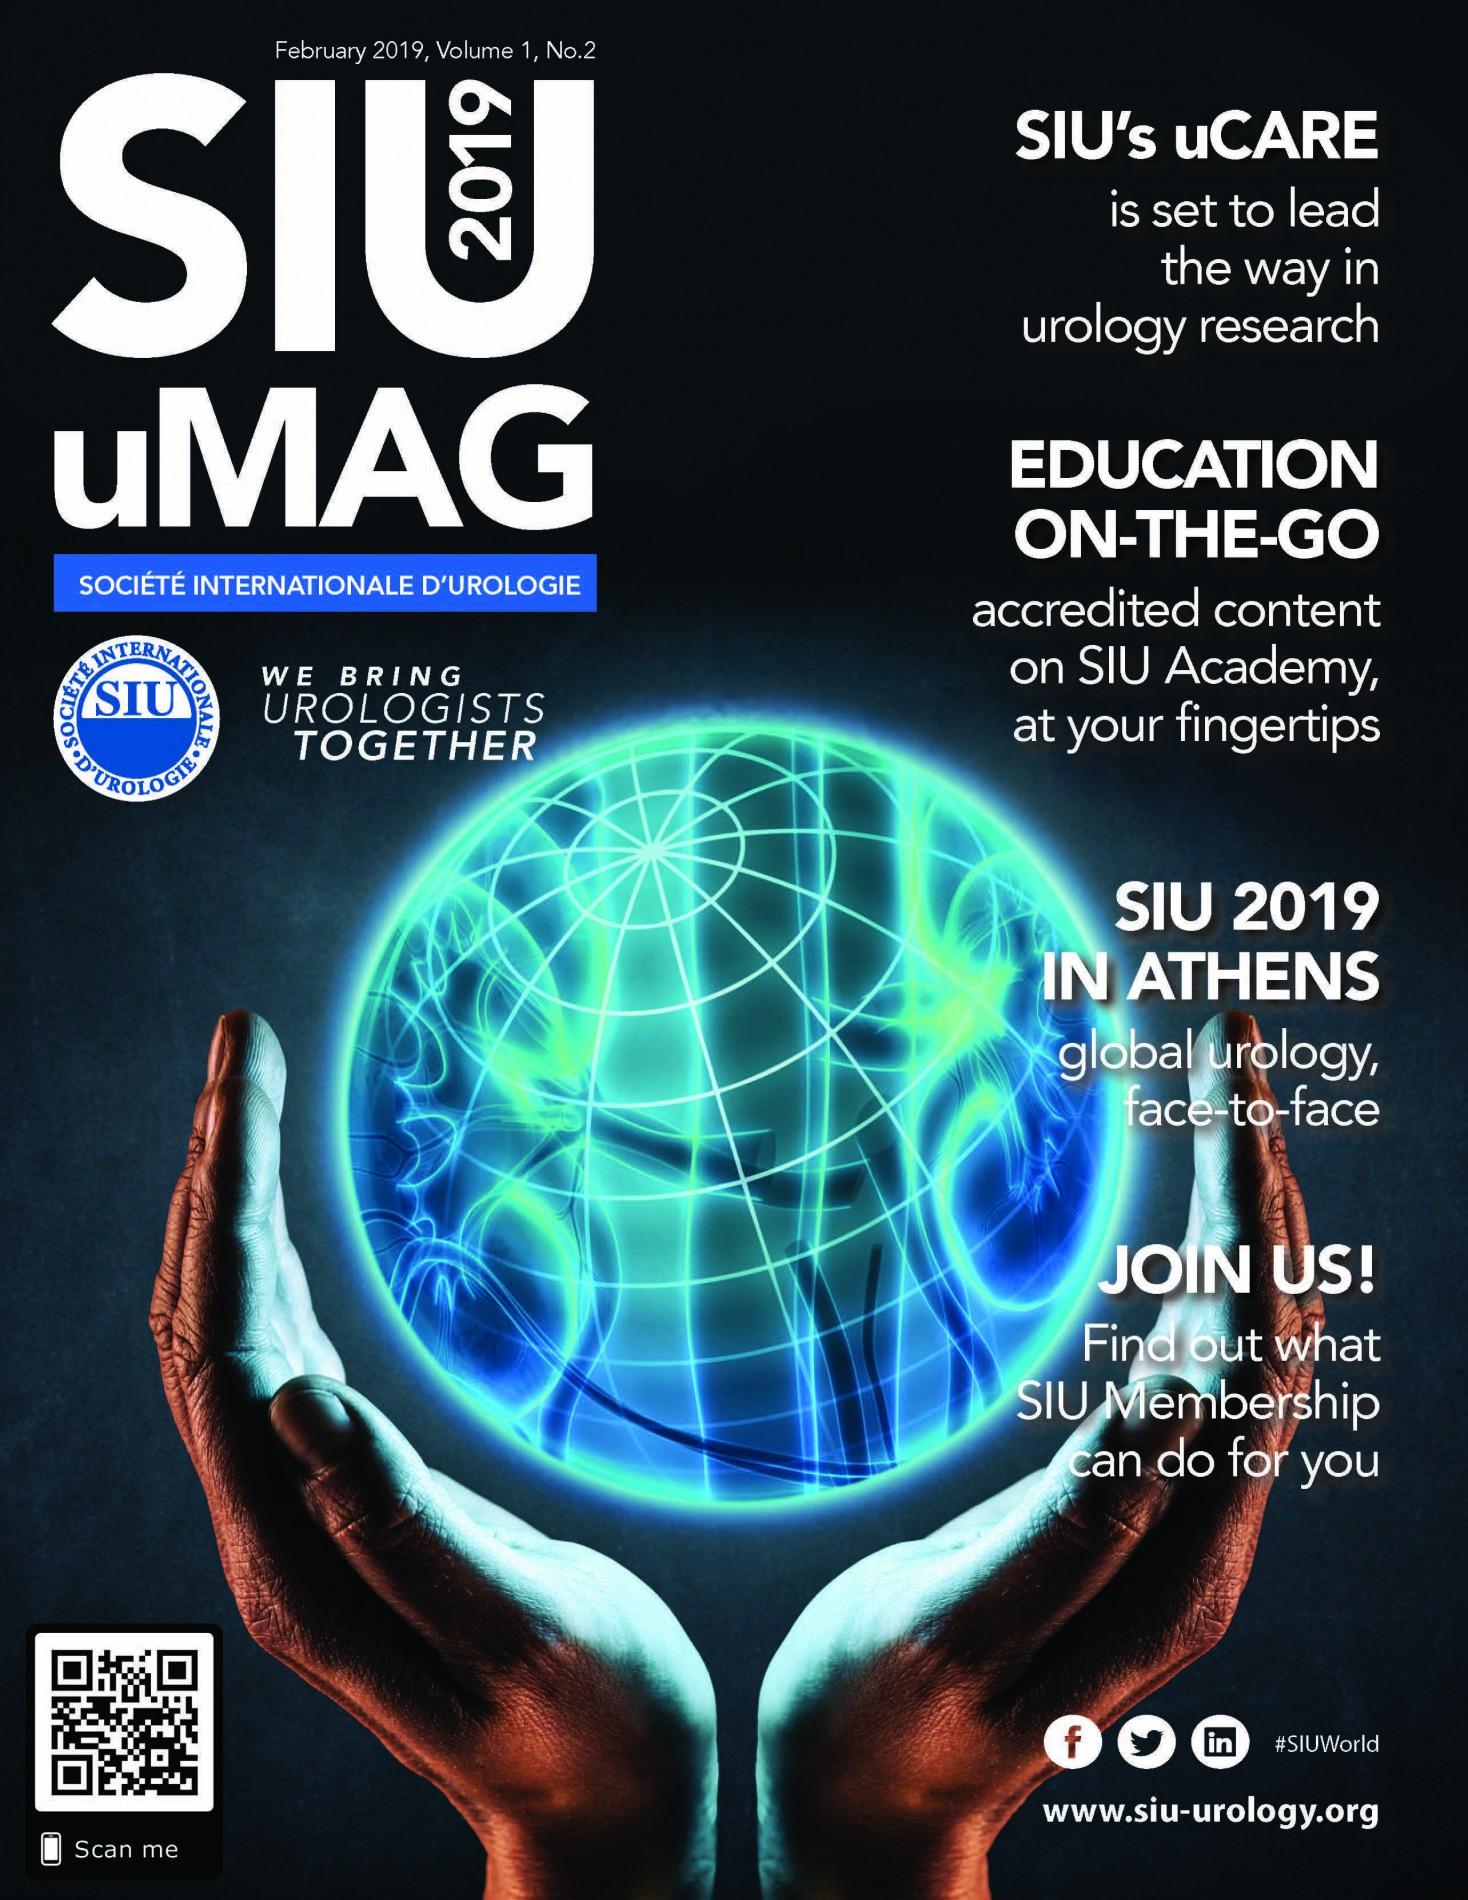 UCSF-SIU Research Fellowship | Société Internationale d'Urologie